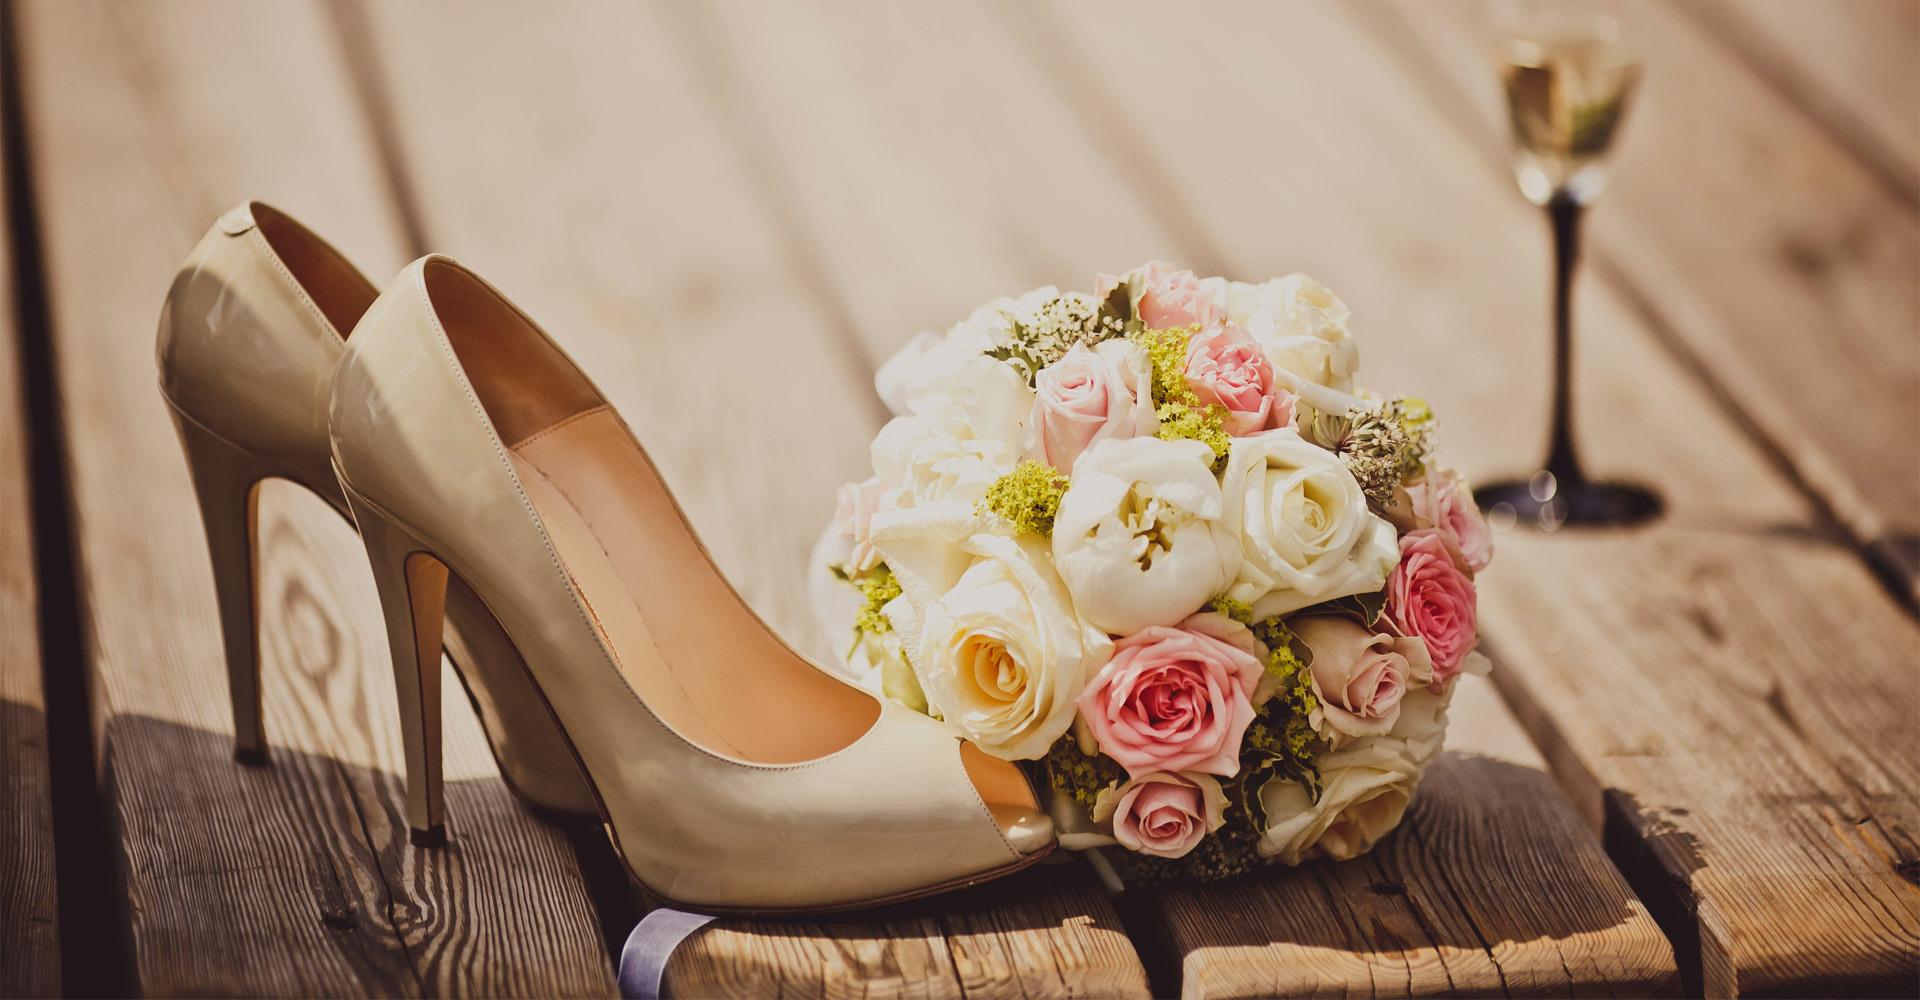 weddings_in_croatia_wedding_design_luxury_decoraton_wedding_planner_antropoti_luxury_weddings9-111